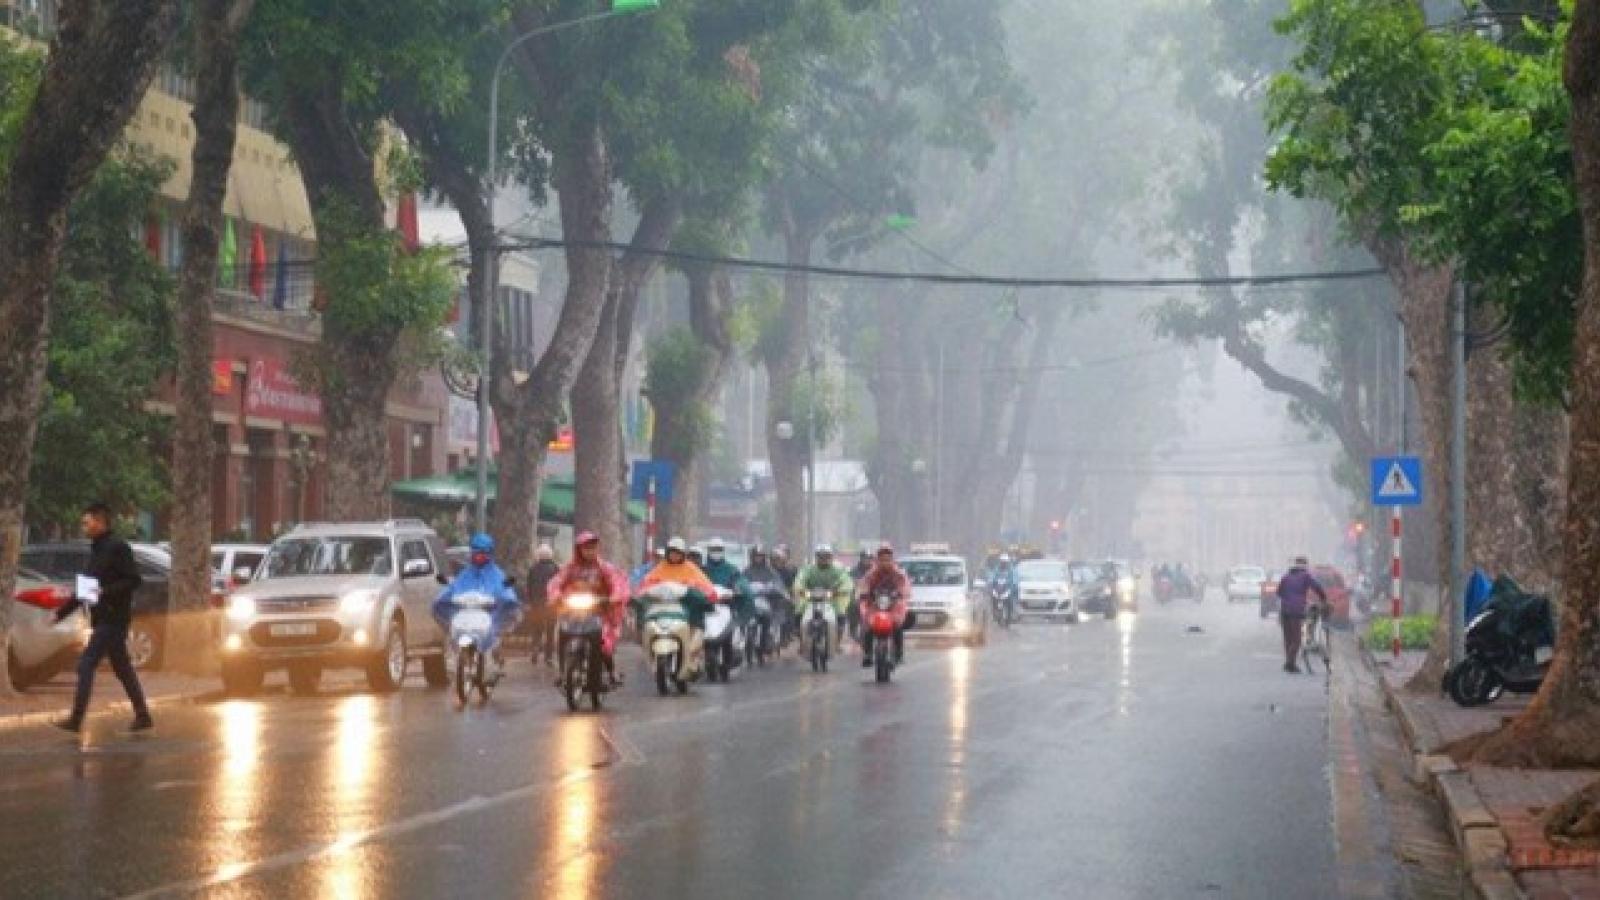 Dự báo thời tiết ngày 21/9: Mưa rào và dông trên diện rộng